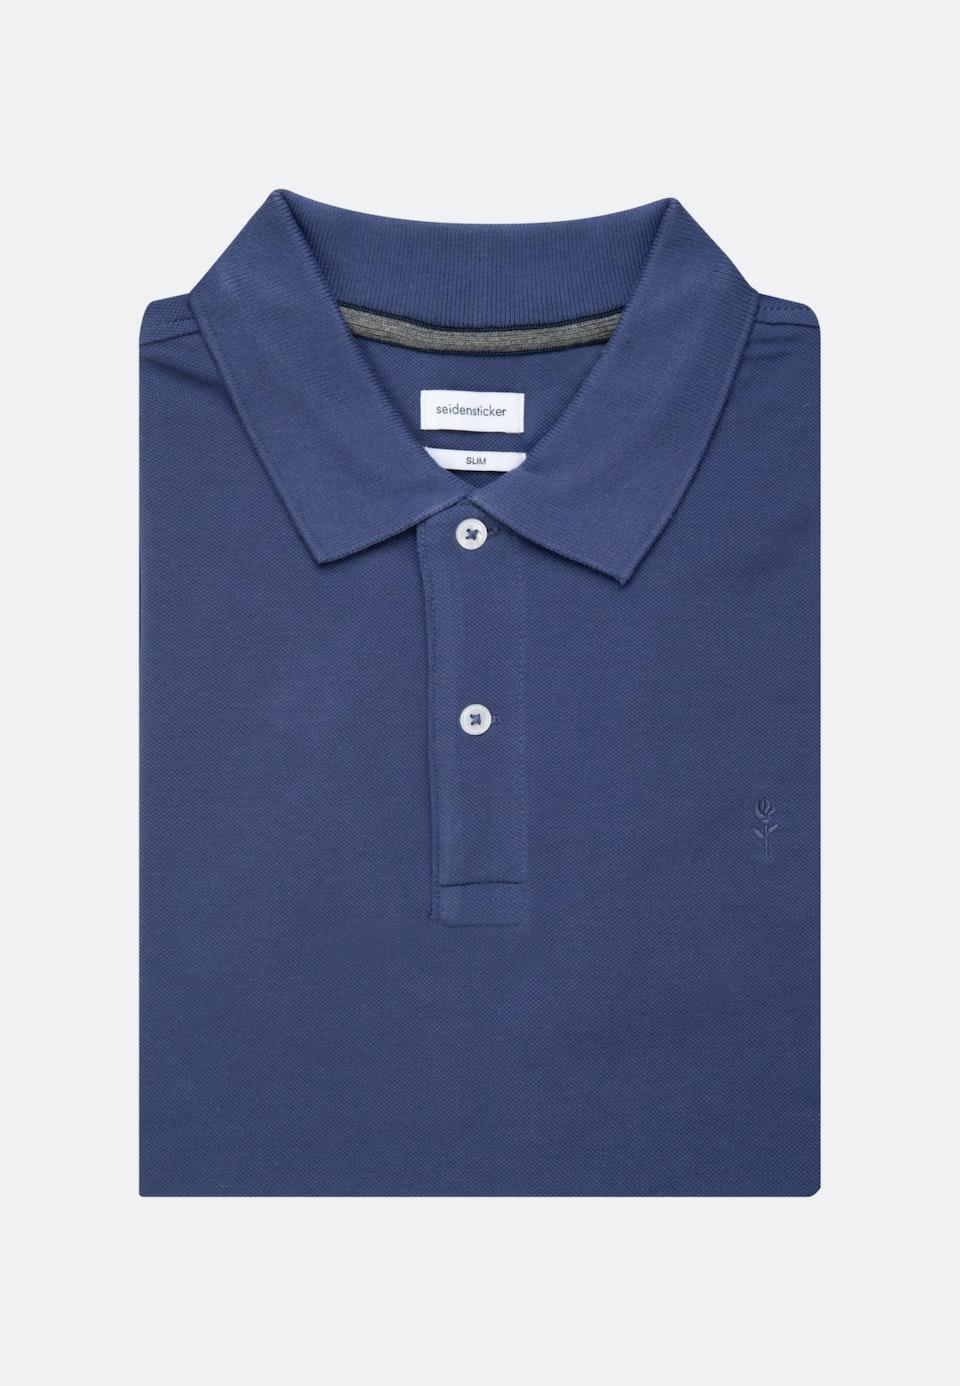 Polo-Shirt Slim made of 100% Cotton in Medium blue |  Seidensticker Onlineshop